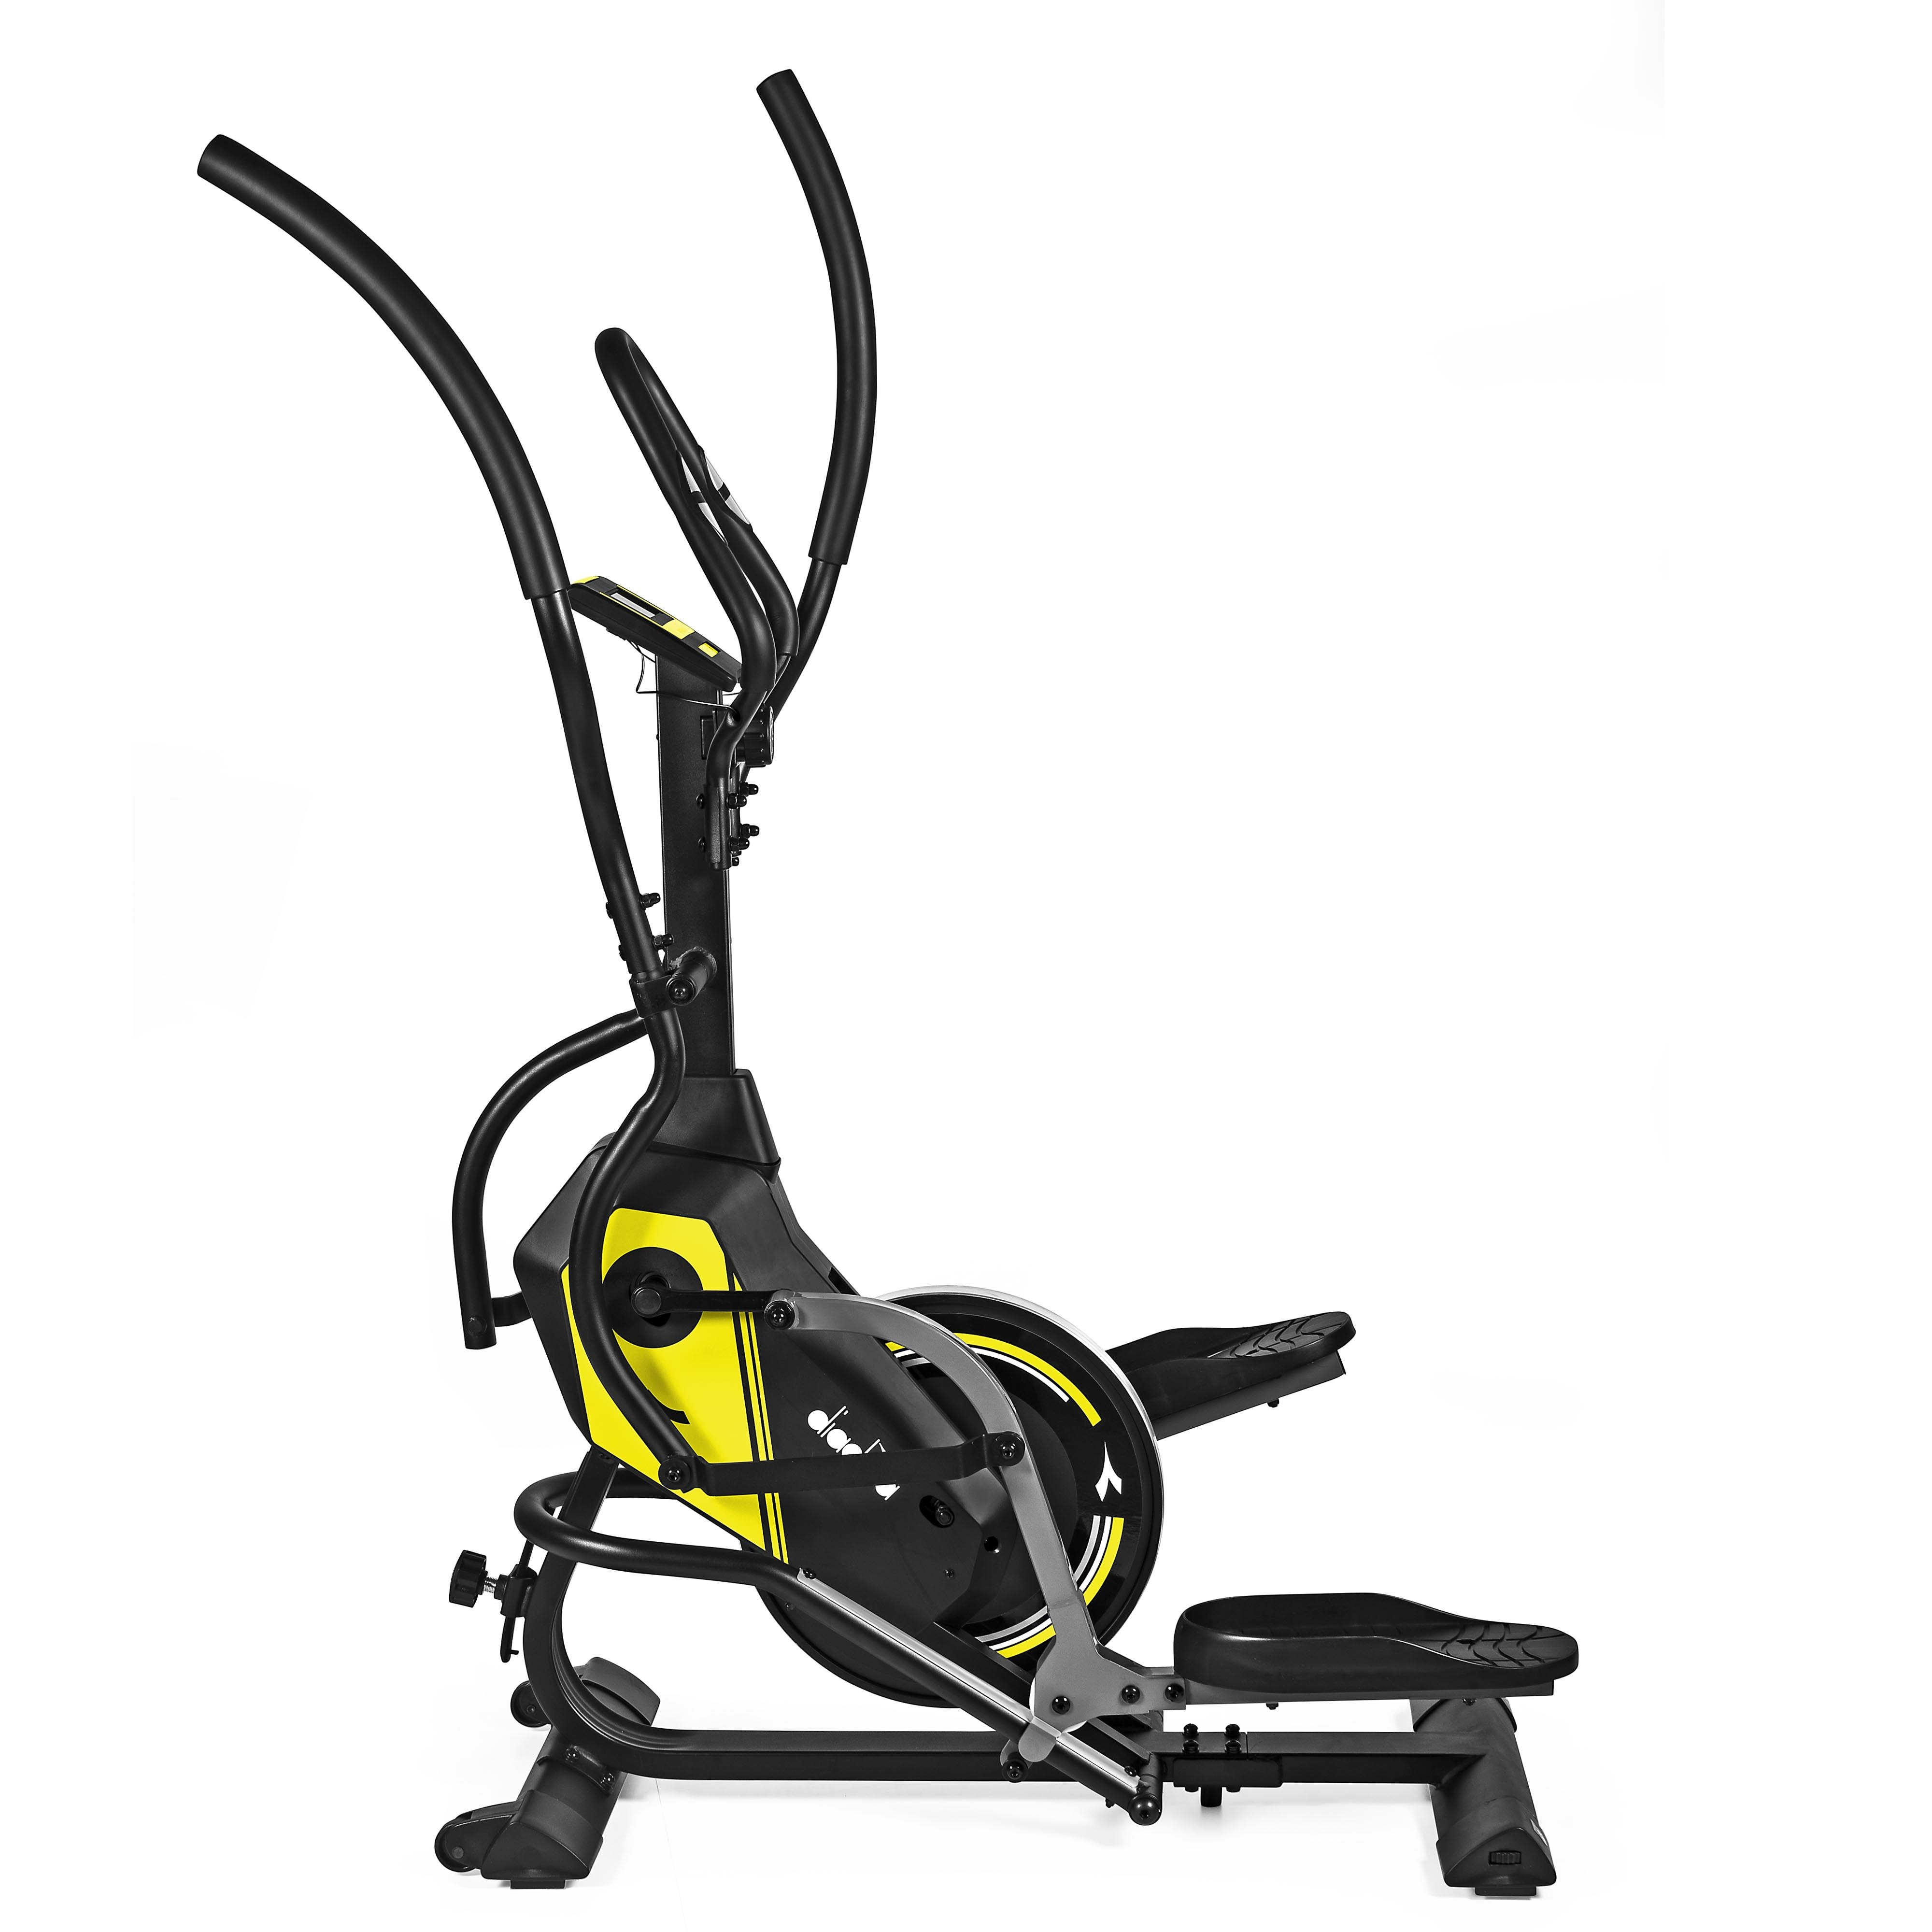 Cyclette, Tapis roulant, Ellittiche Diadora Fitness